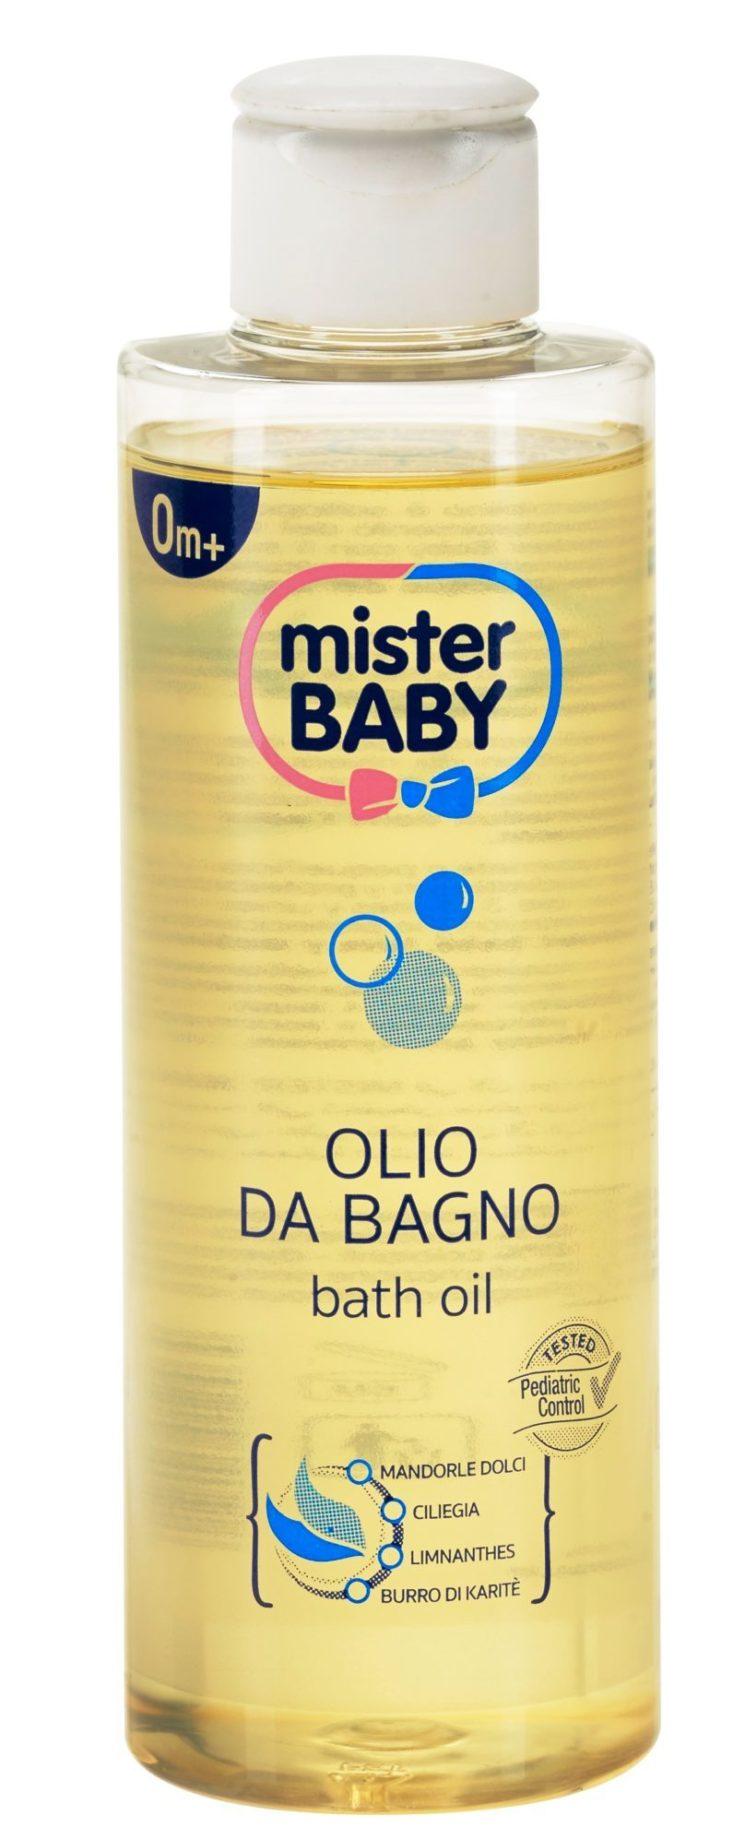 Mister Baby: Protezione e idratazione fin dai primi giorni con Olio da Bagno